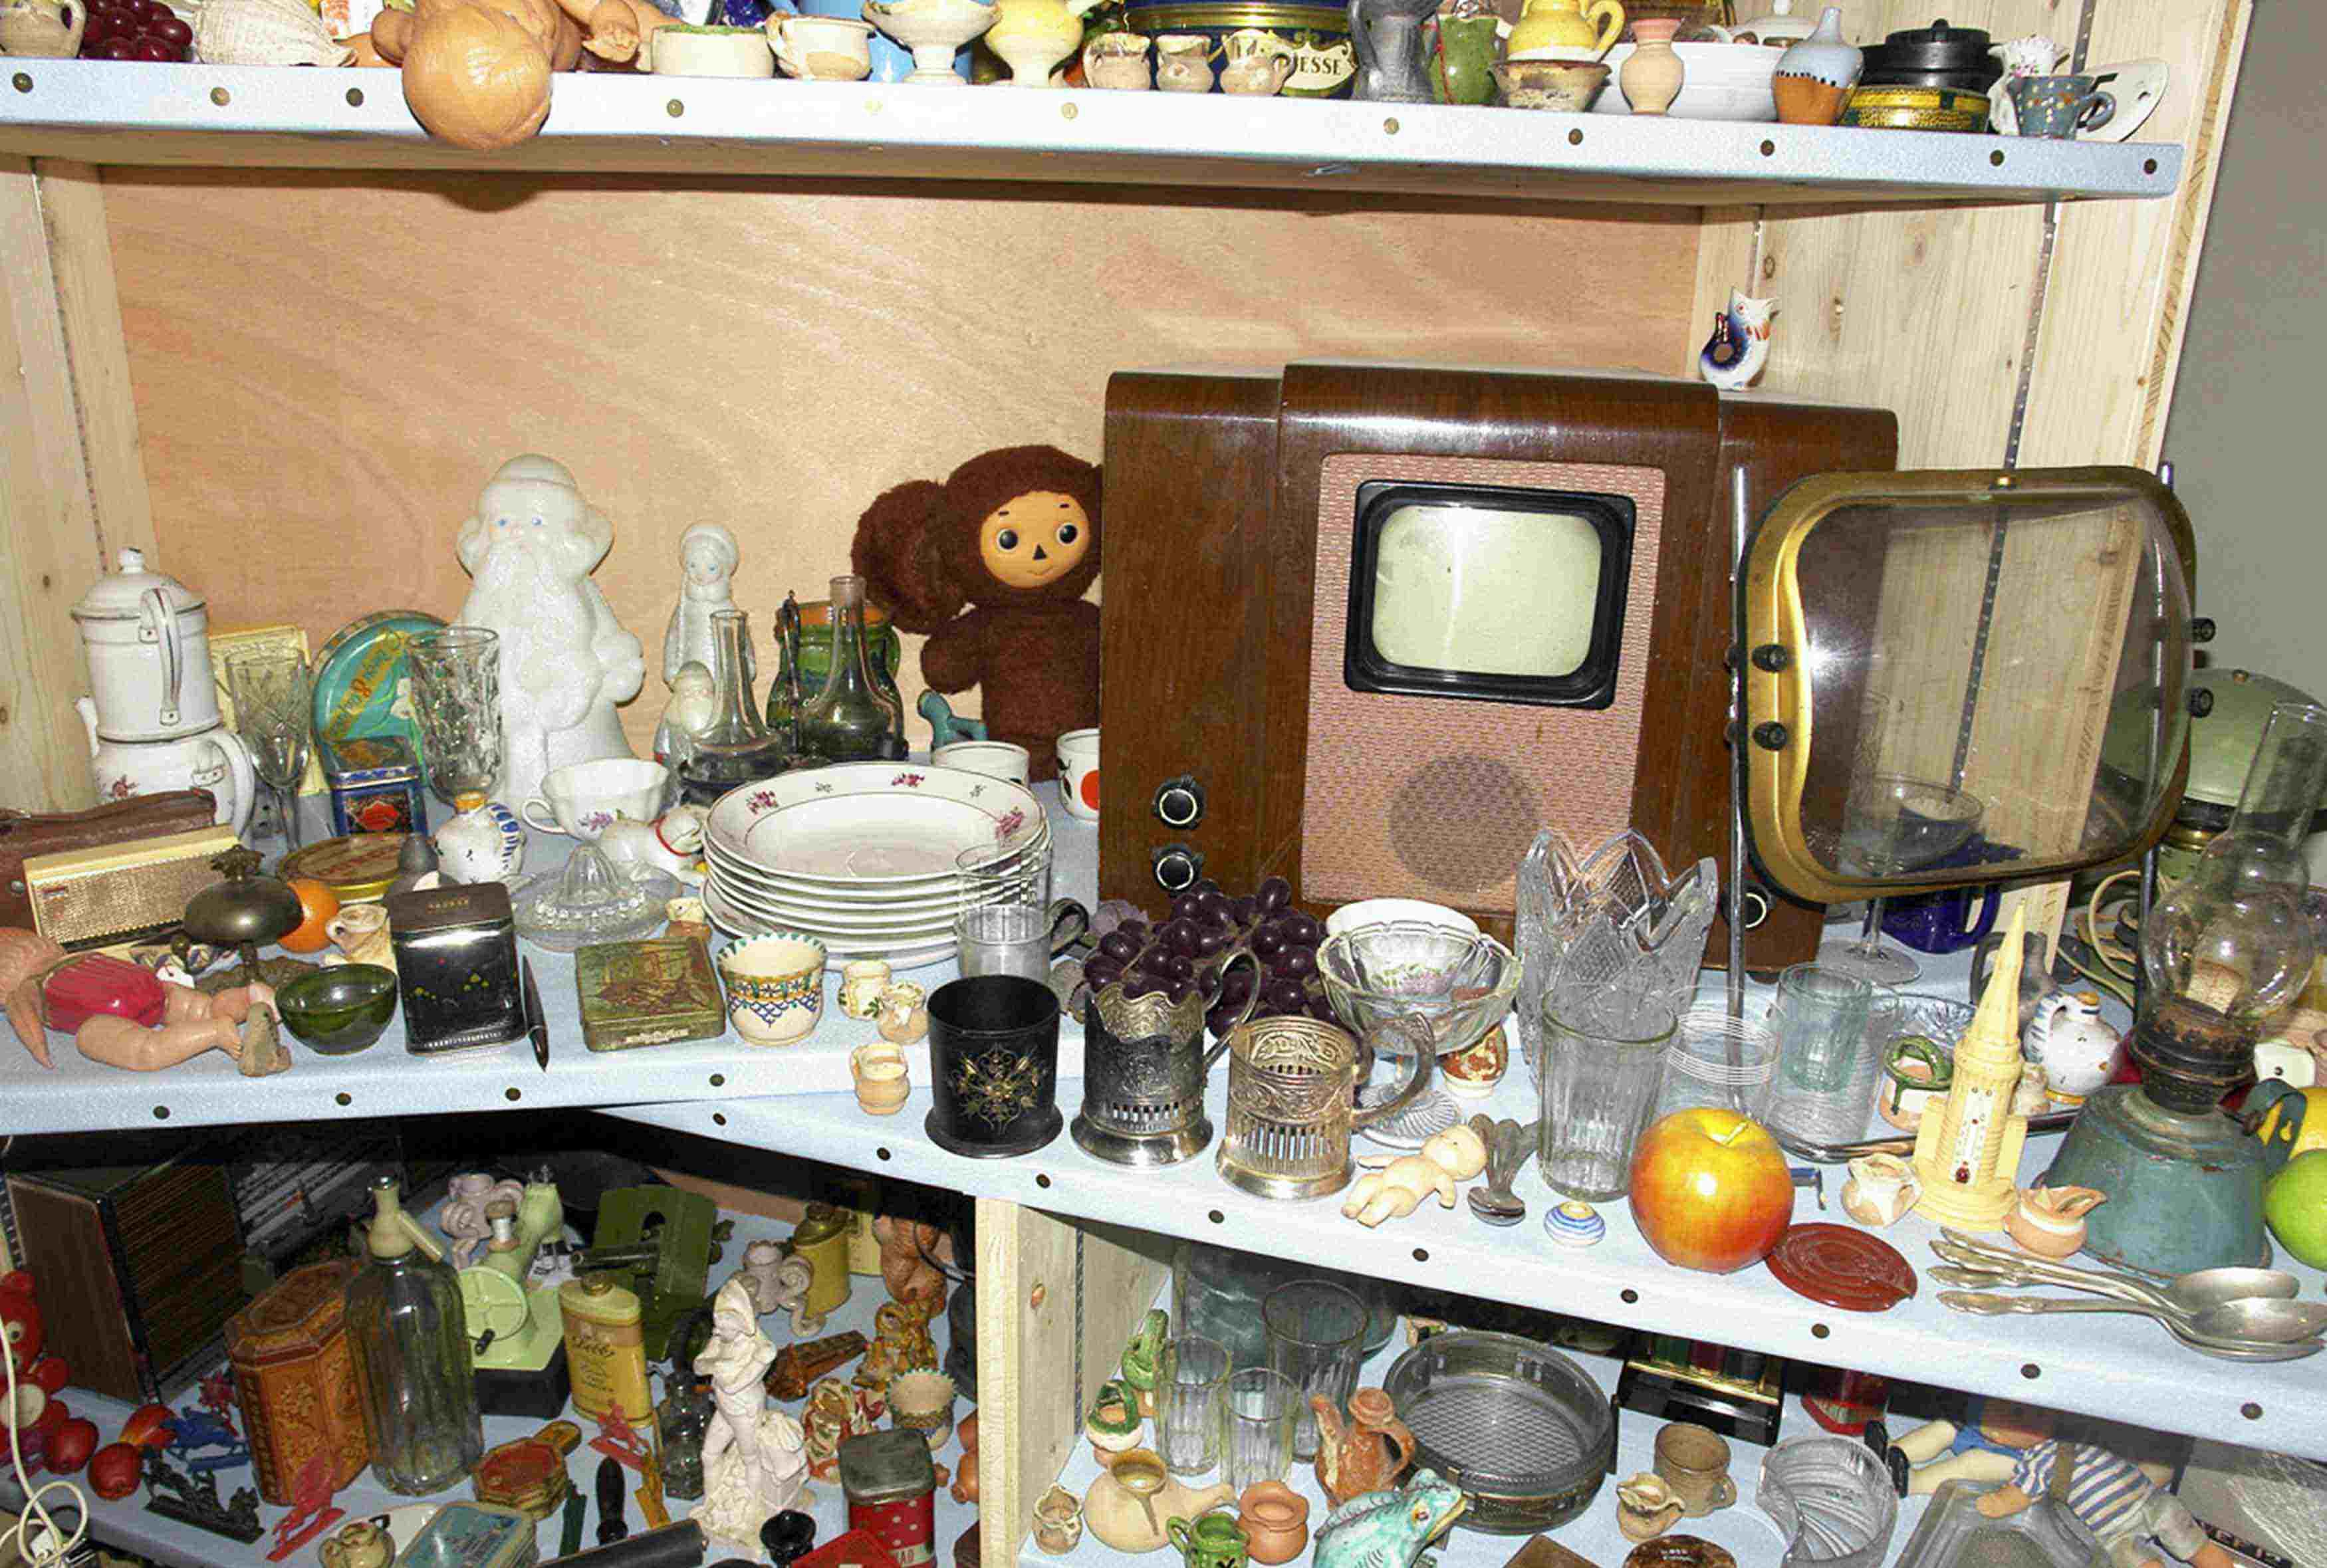 2009 villa sovietica web 06